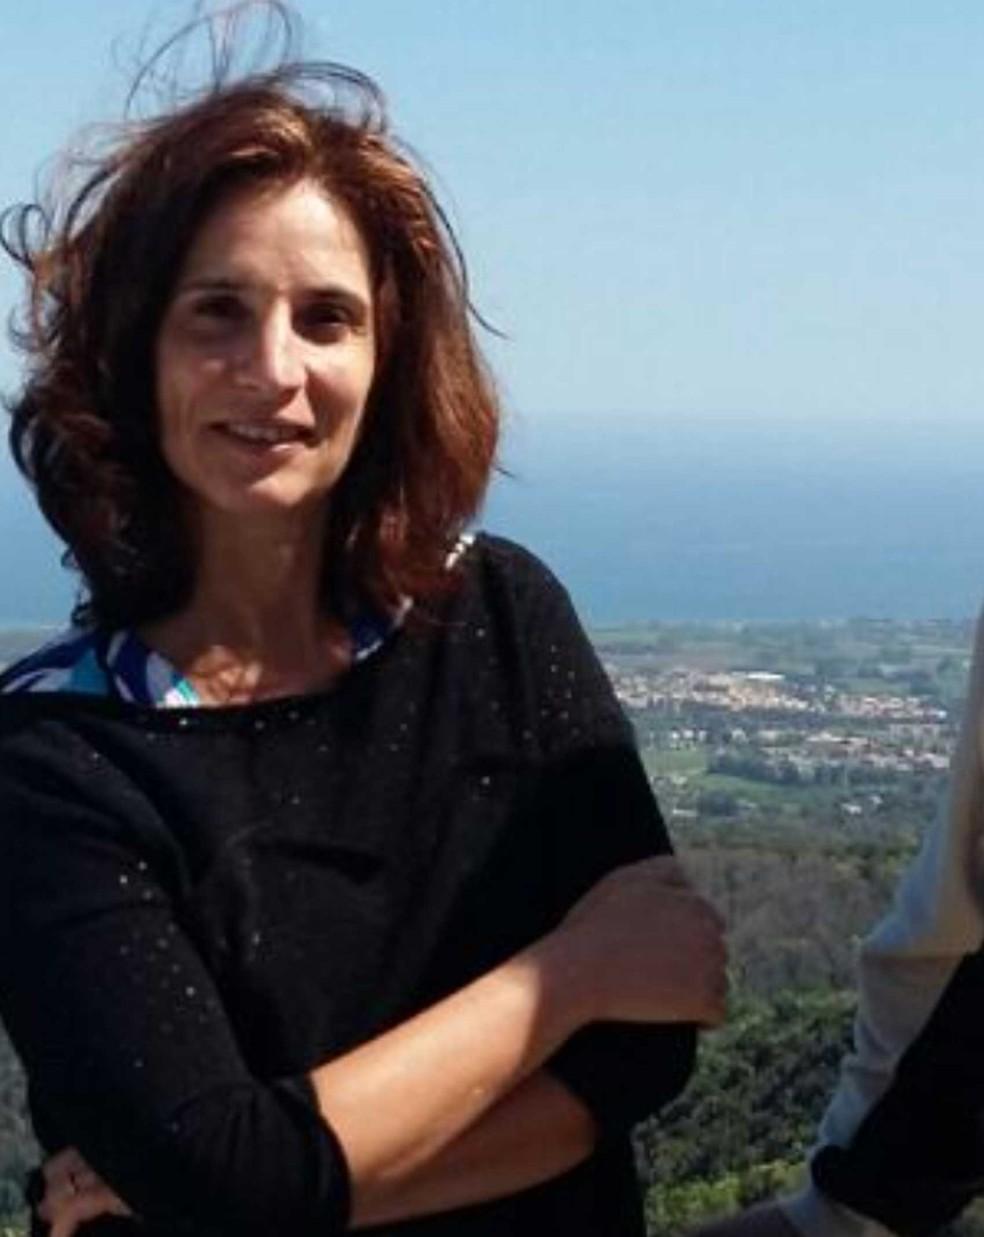 Professora universitária Izabella Borges vai votar em Jean-Luc Mélenchon (Frente de Esquerda) (Foto: Arquivo pessoal)